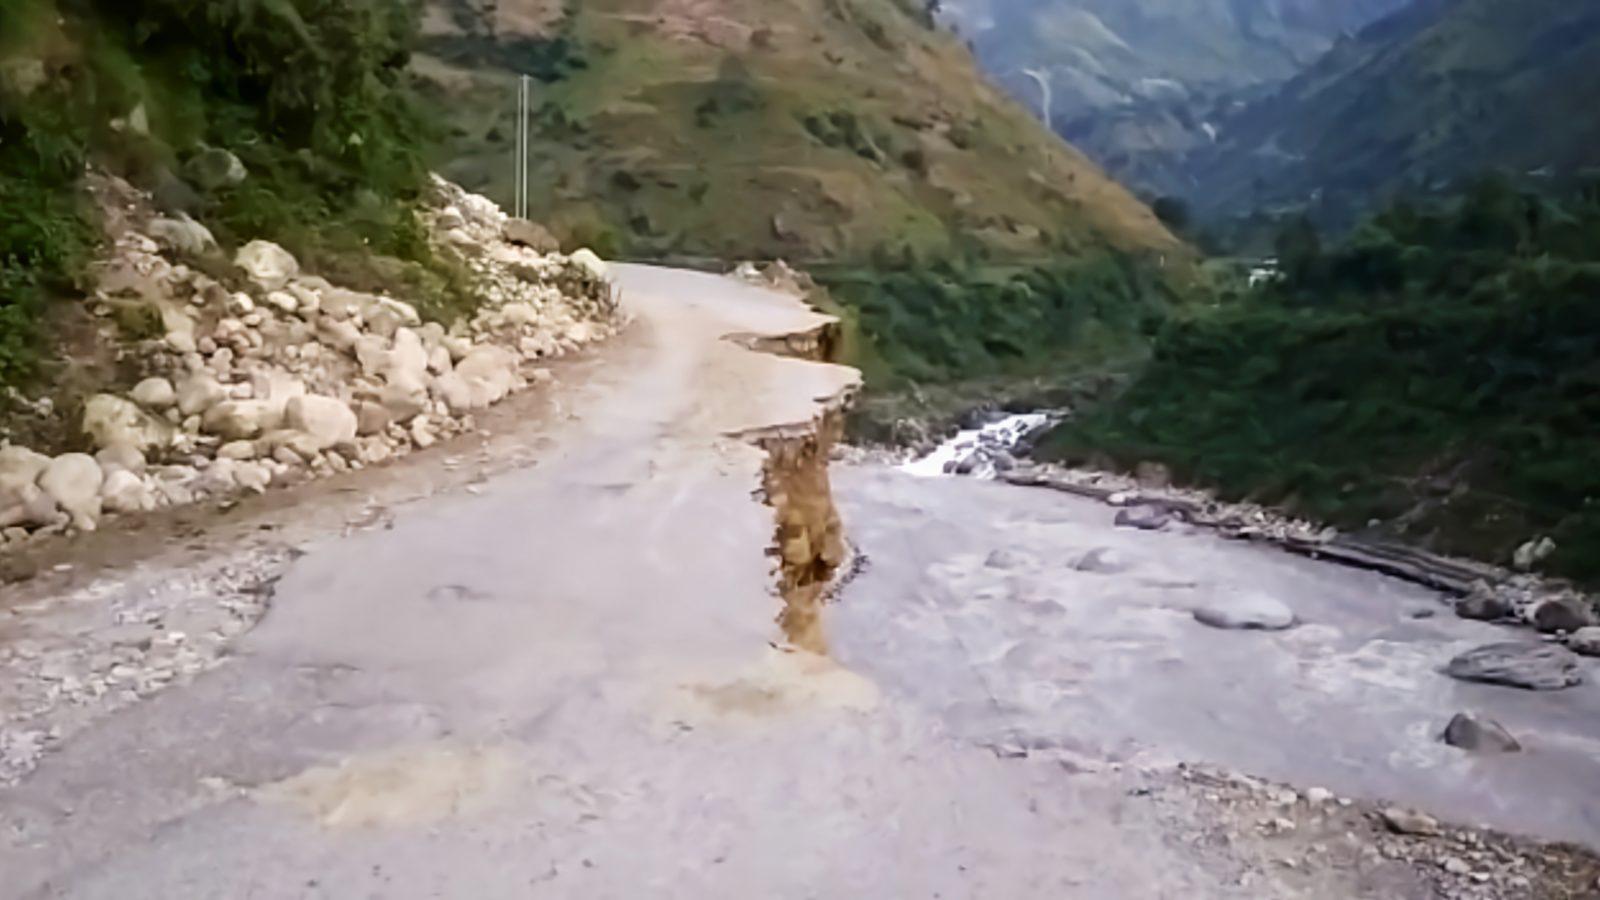 पिथौरागढ़: भारत-चीन सीमा सड़क काली नदी में समाई